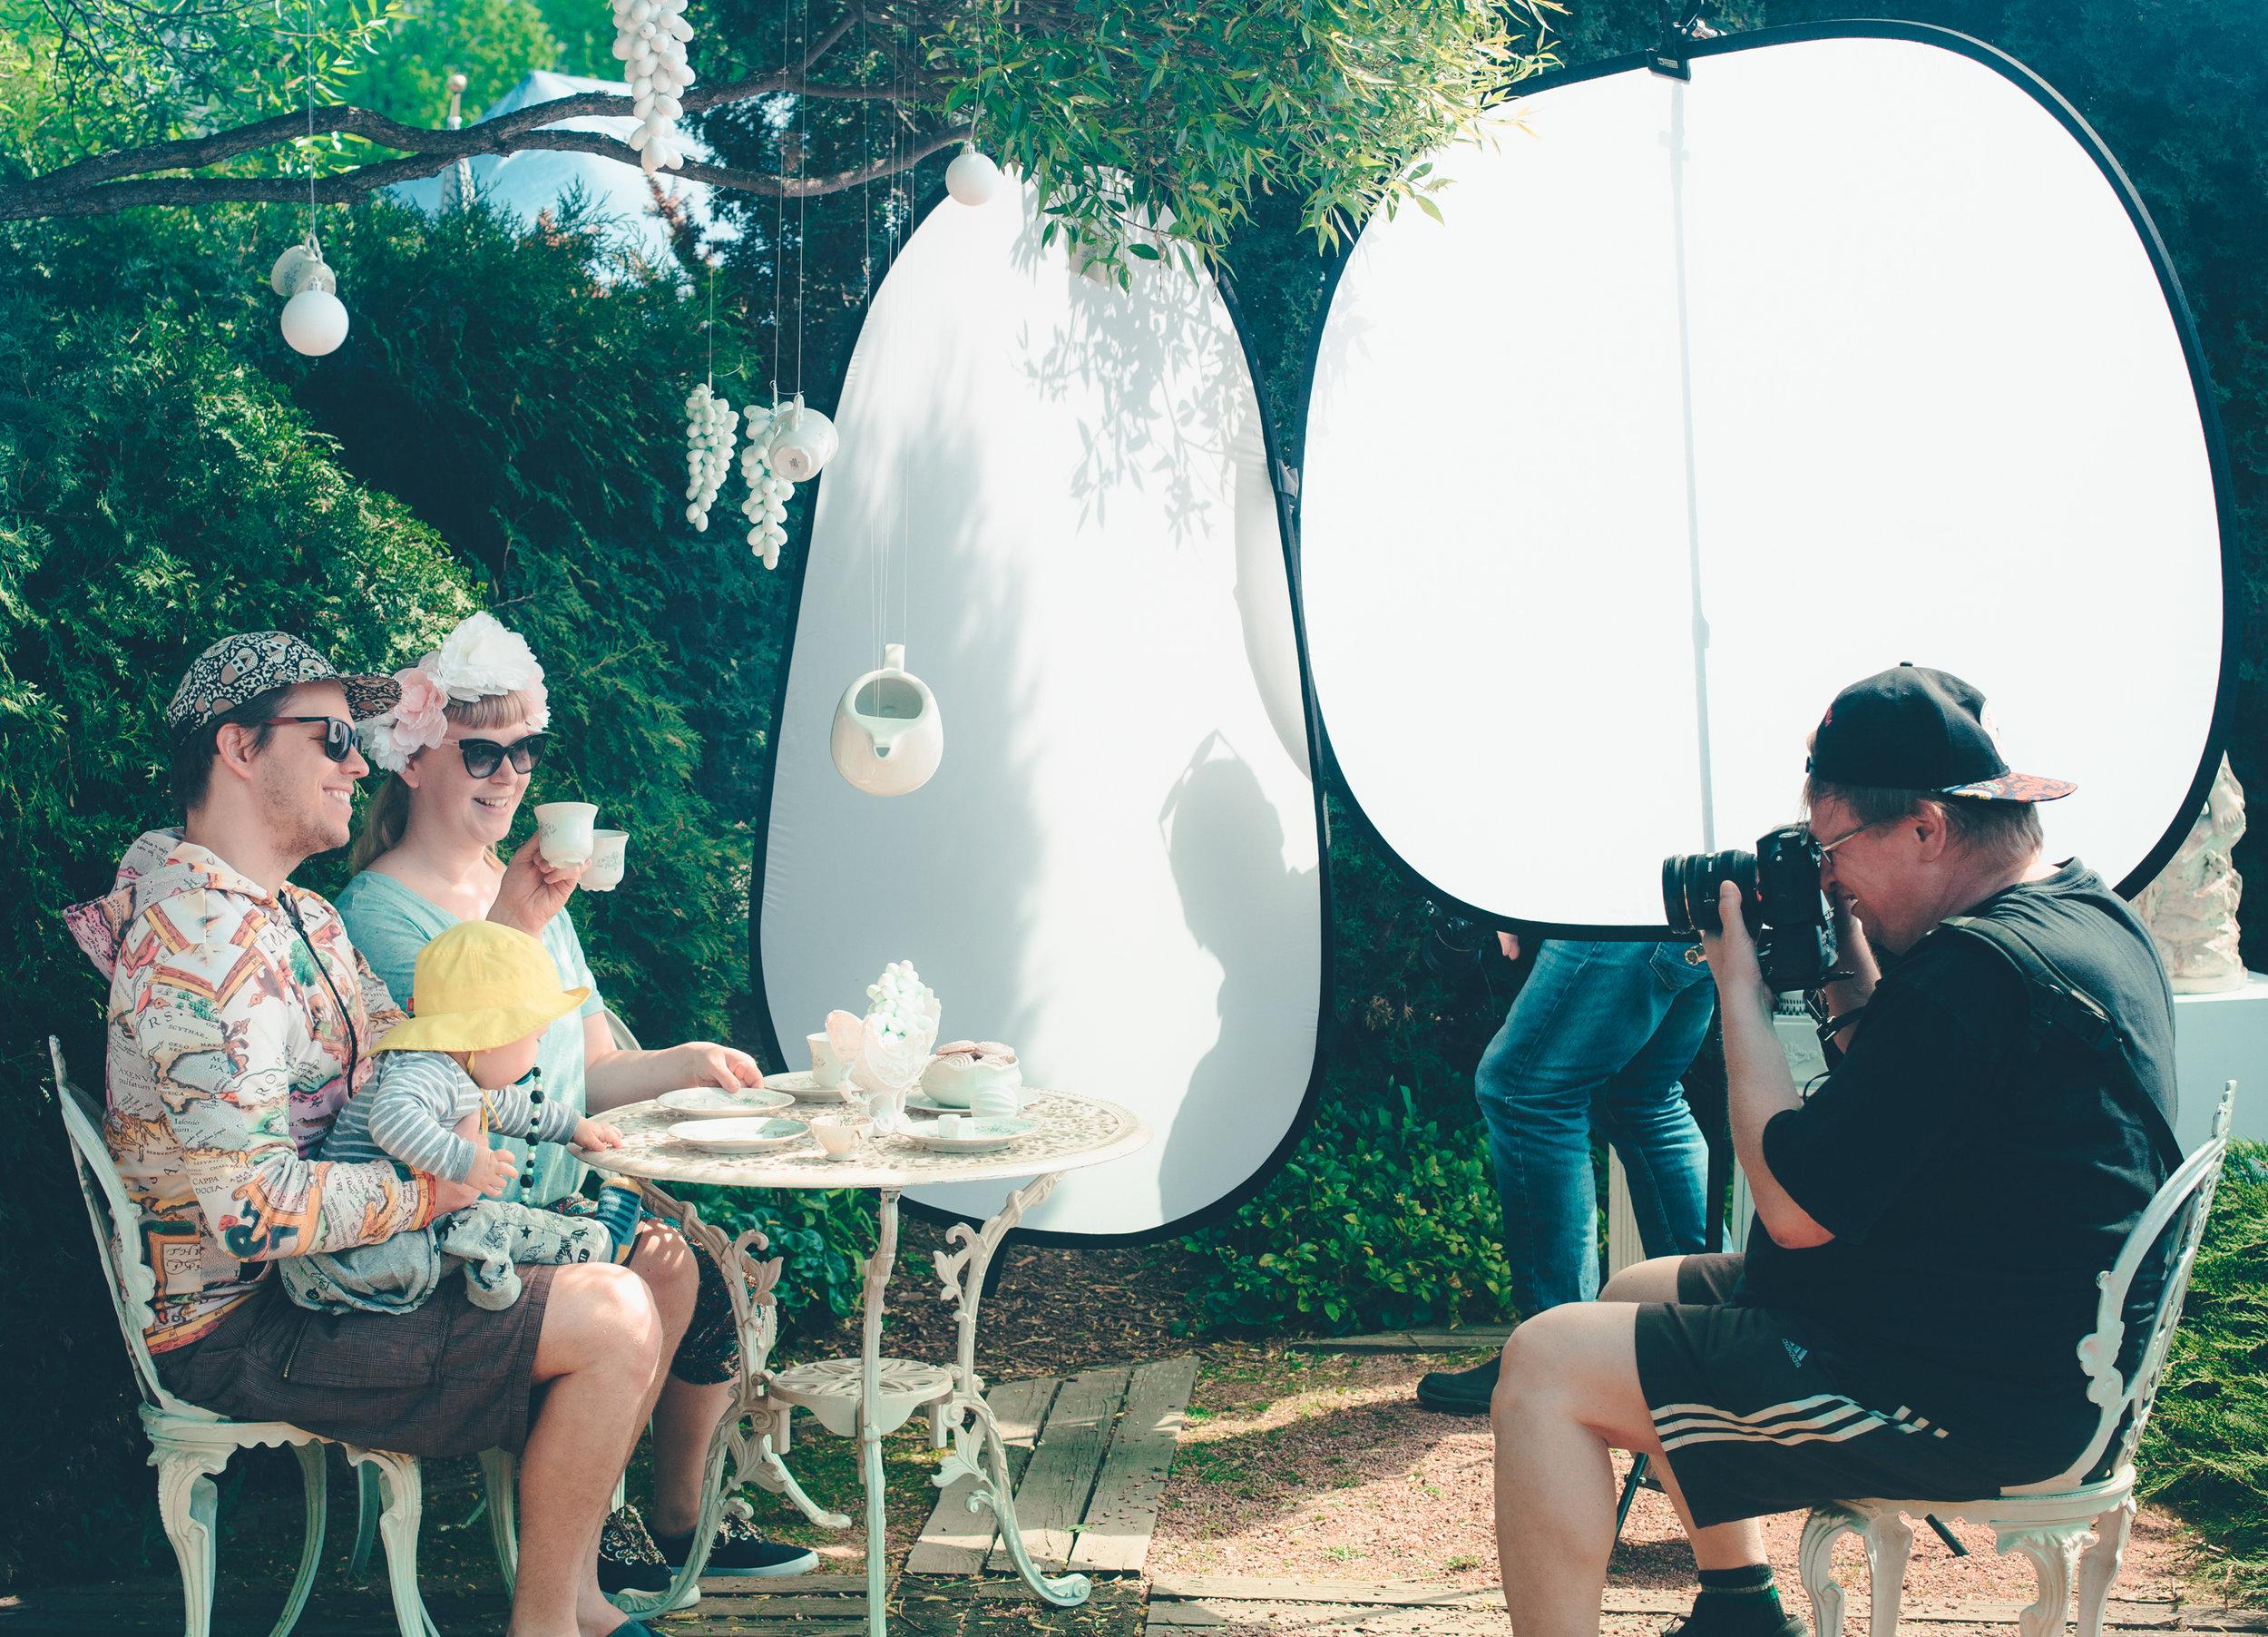 Kevät 2018: Perustamamme Valotila-ryhmän jäsen, Reima, kuvaa Malmin päivän vieraita rakentamassamme valokuvauksellisessa lavastessa. Leijuvilla teekutsuilla ihmiset saivat otattaa itsestään muotokuvan, joka lähetettiin heille tapahtuman jälkeen. Yli seitsemmänkymmentä ihmistä asettui asetelmaan kuvattavaksi.